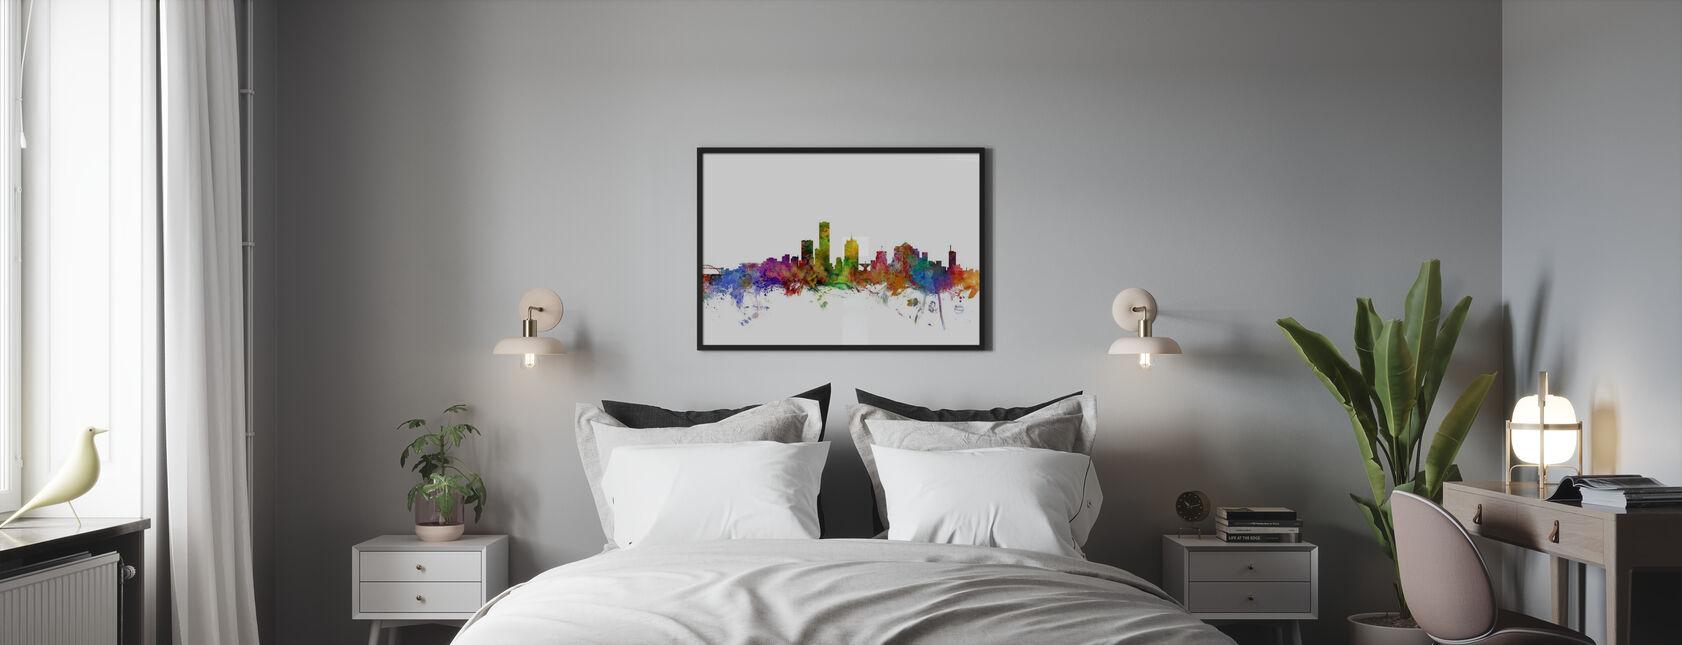 Milwaukee Wisconsin skyline - Plakat - Soverom